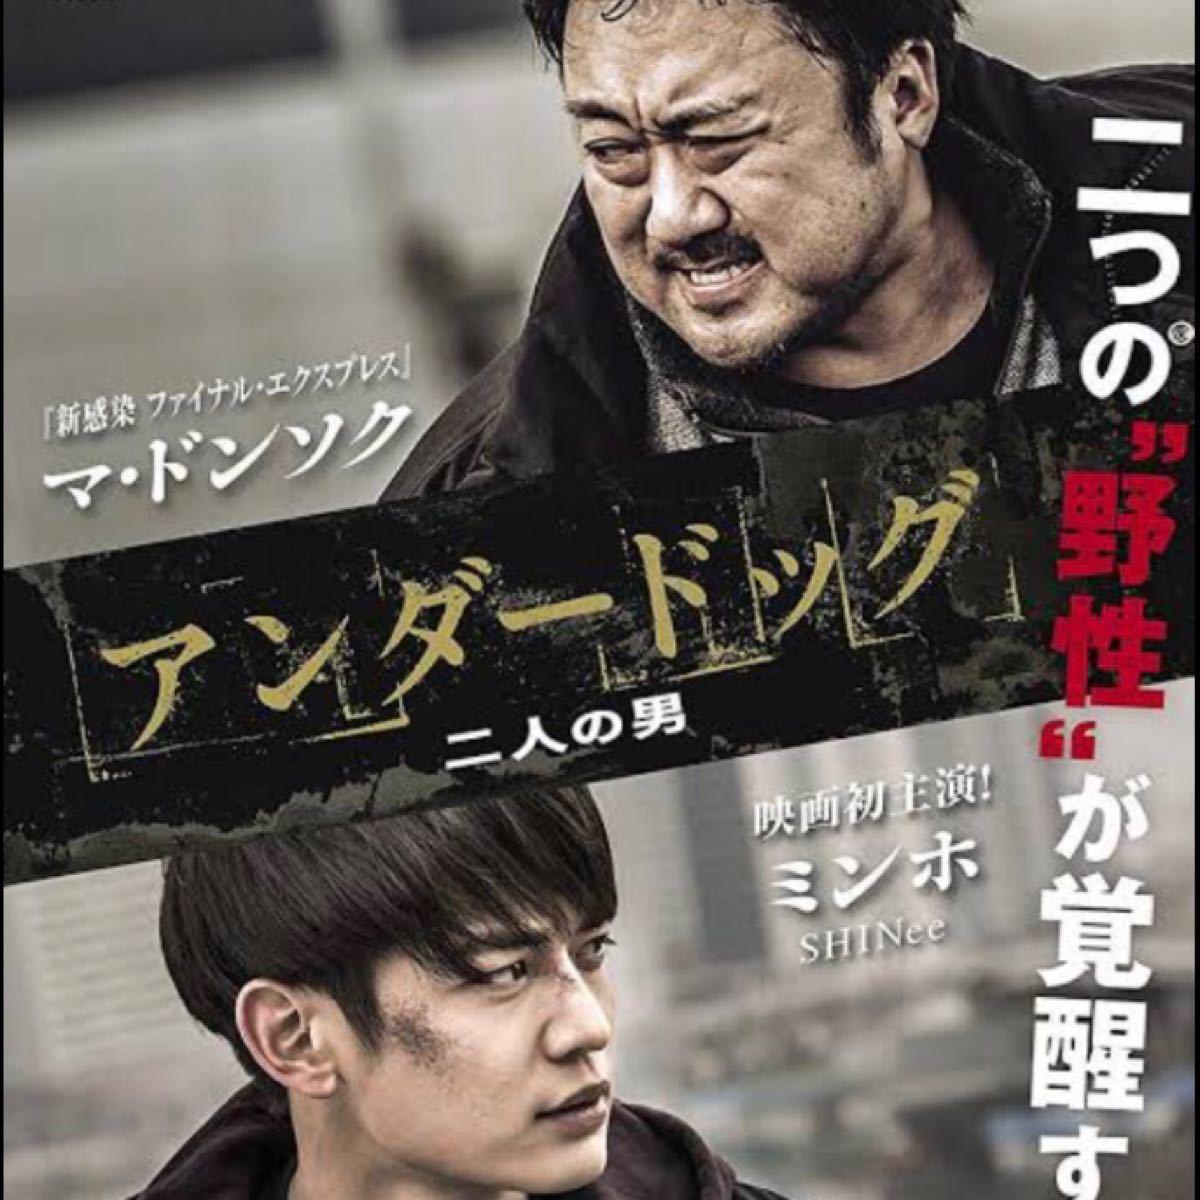 韓国映画  アンダードッグ  二人の男  マ・ドンソク  DVD  レーベル有り